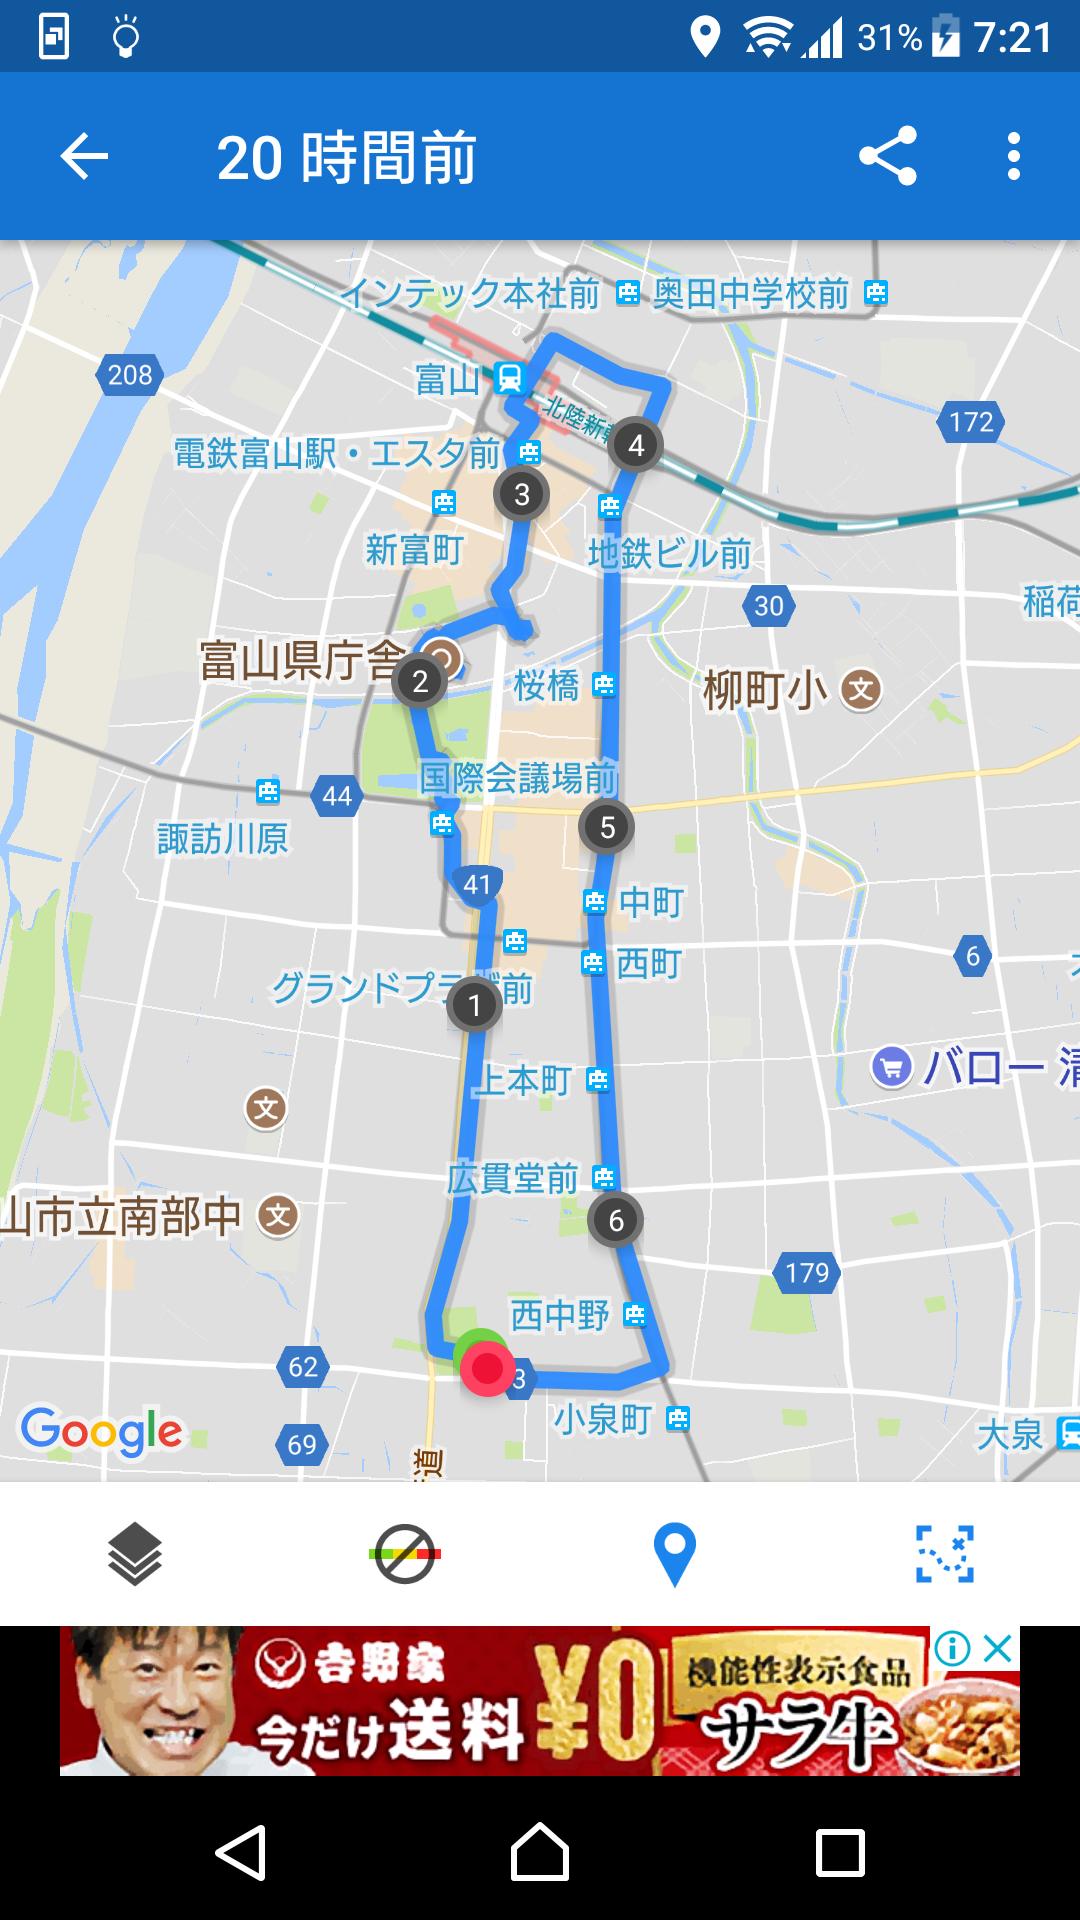 f:id:ynakayama27:20170721073853p:plain